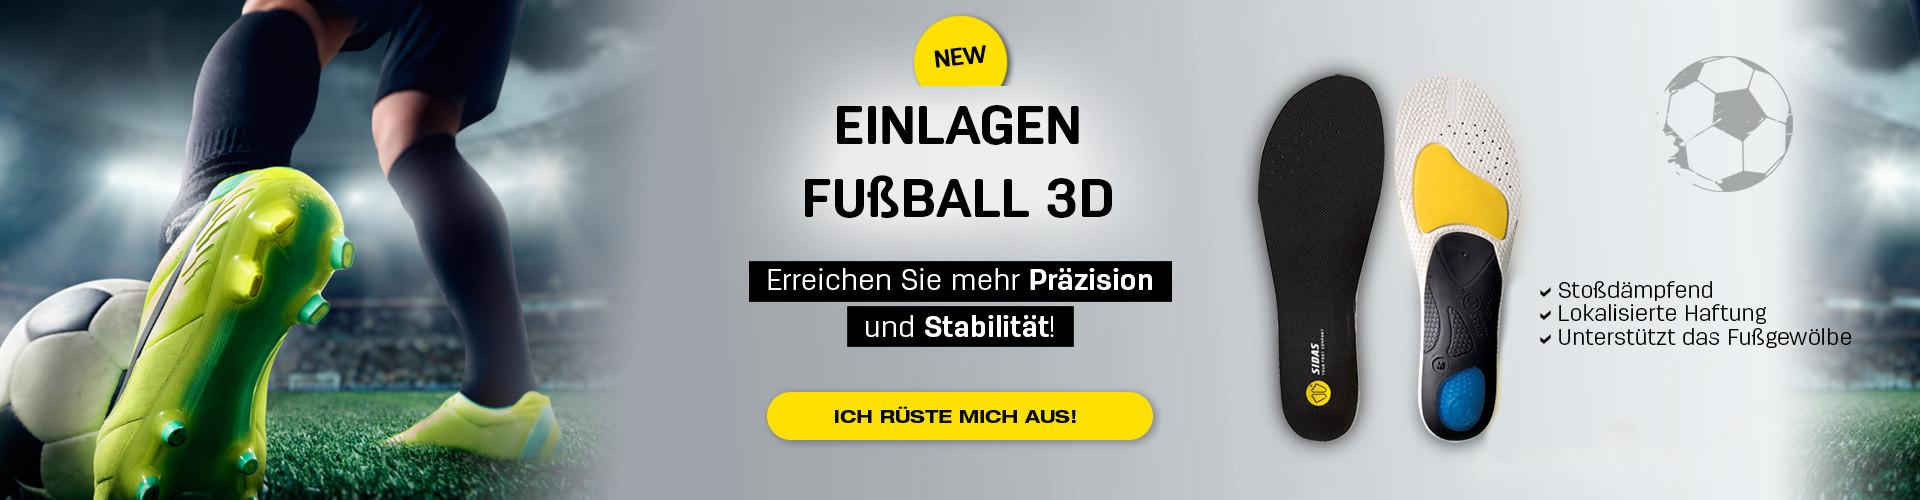 Einlagen Fußball 3D